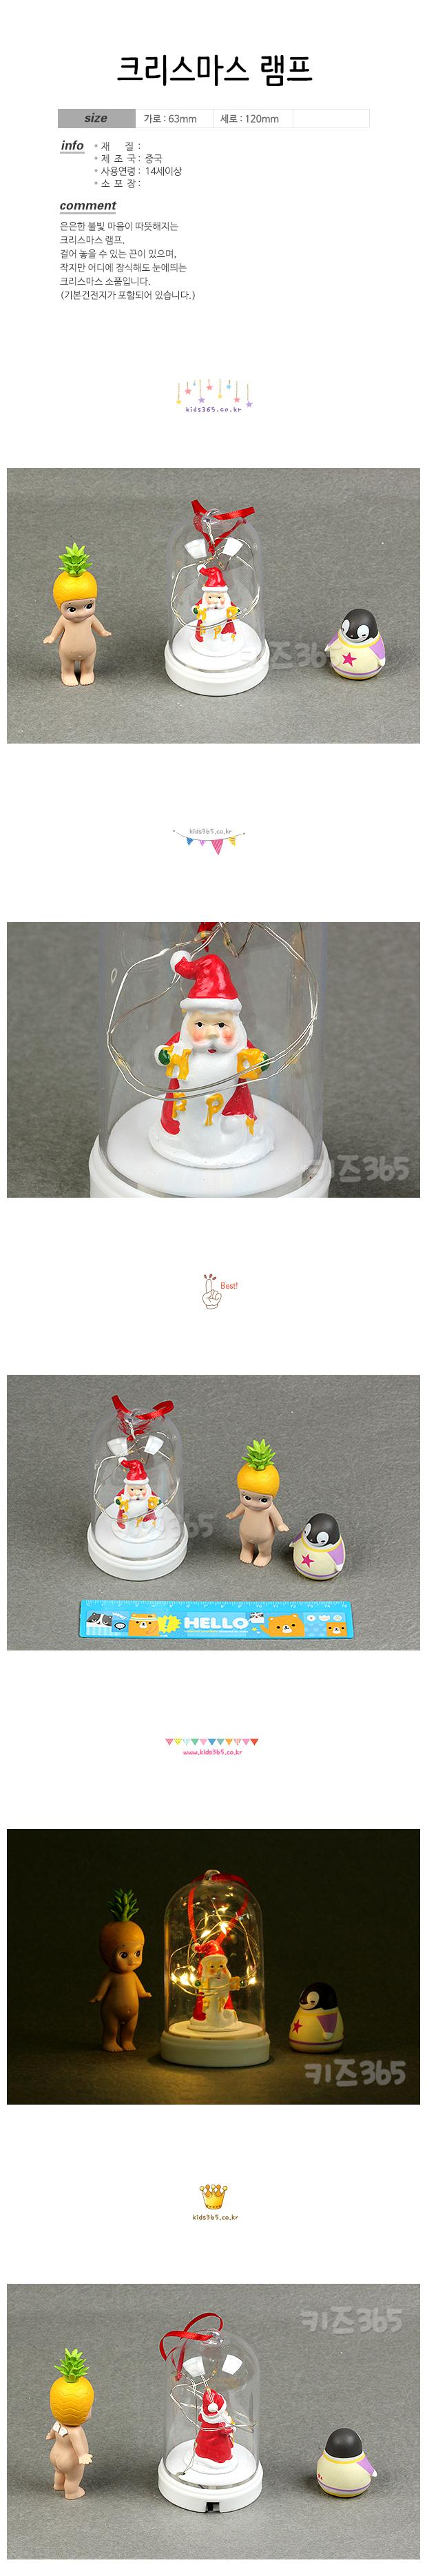 크리스마스 램프(돔형식) 상세이미지